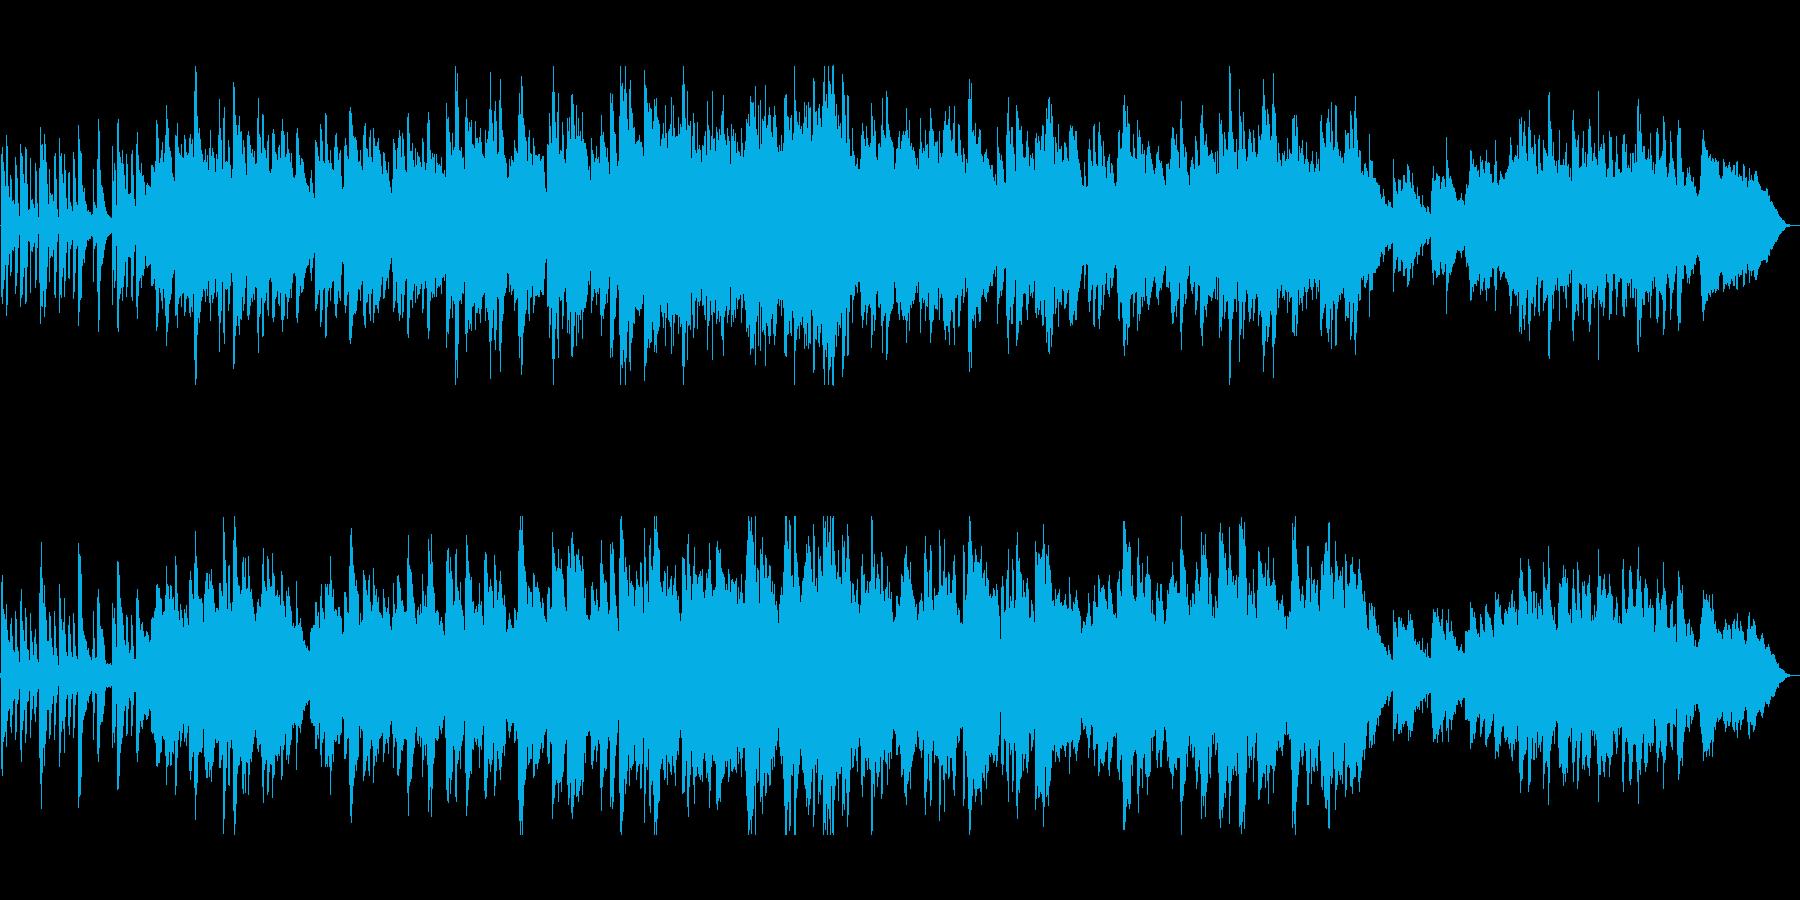 ピアノが主体のきれいな曲の再生済みの波形